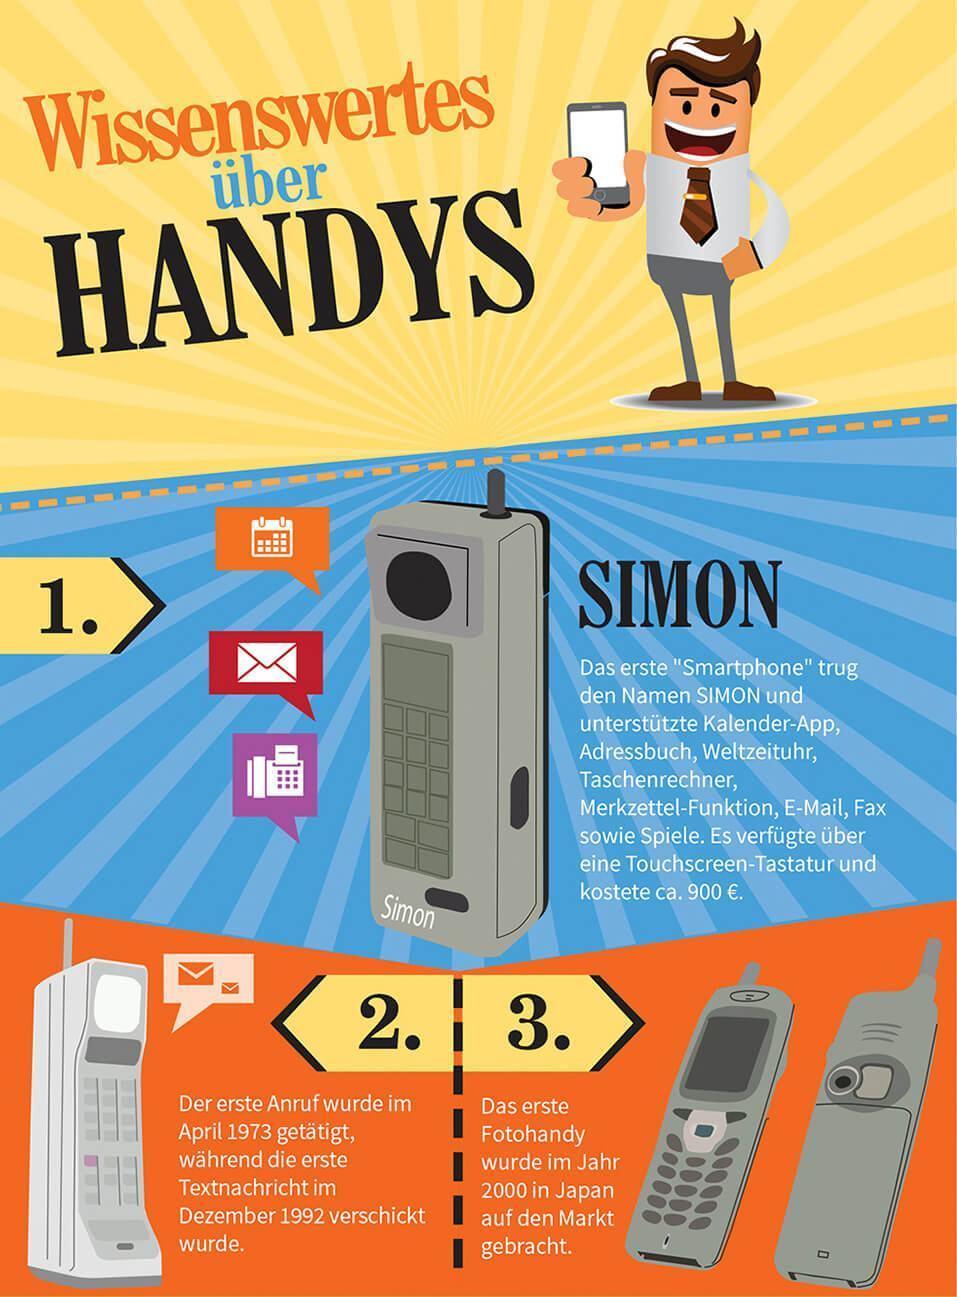 Exkurs: Verblüffende Fakten über Handys und Smartphones, die Du kennen solltest techboys.de • smarte News, auf den Punkt!